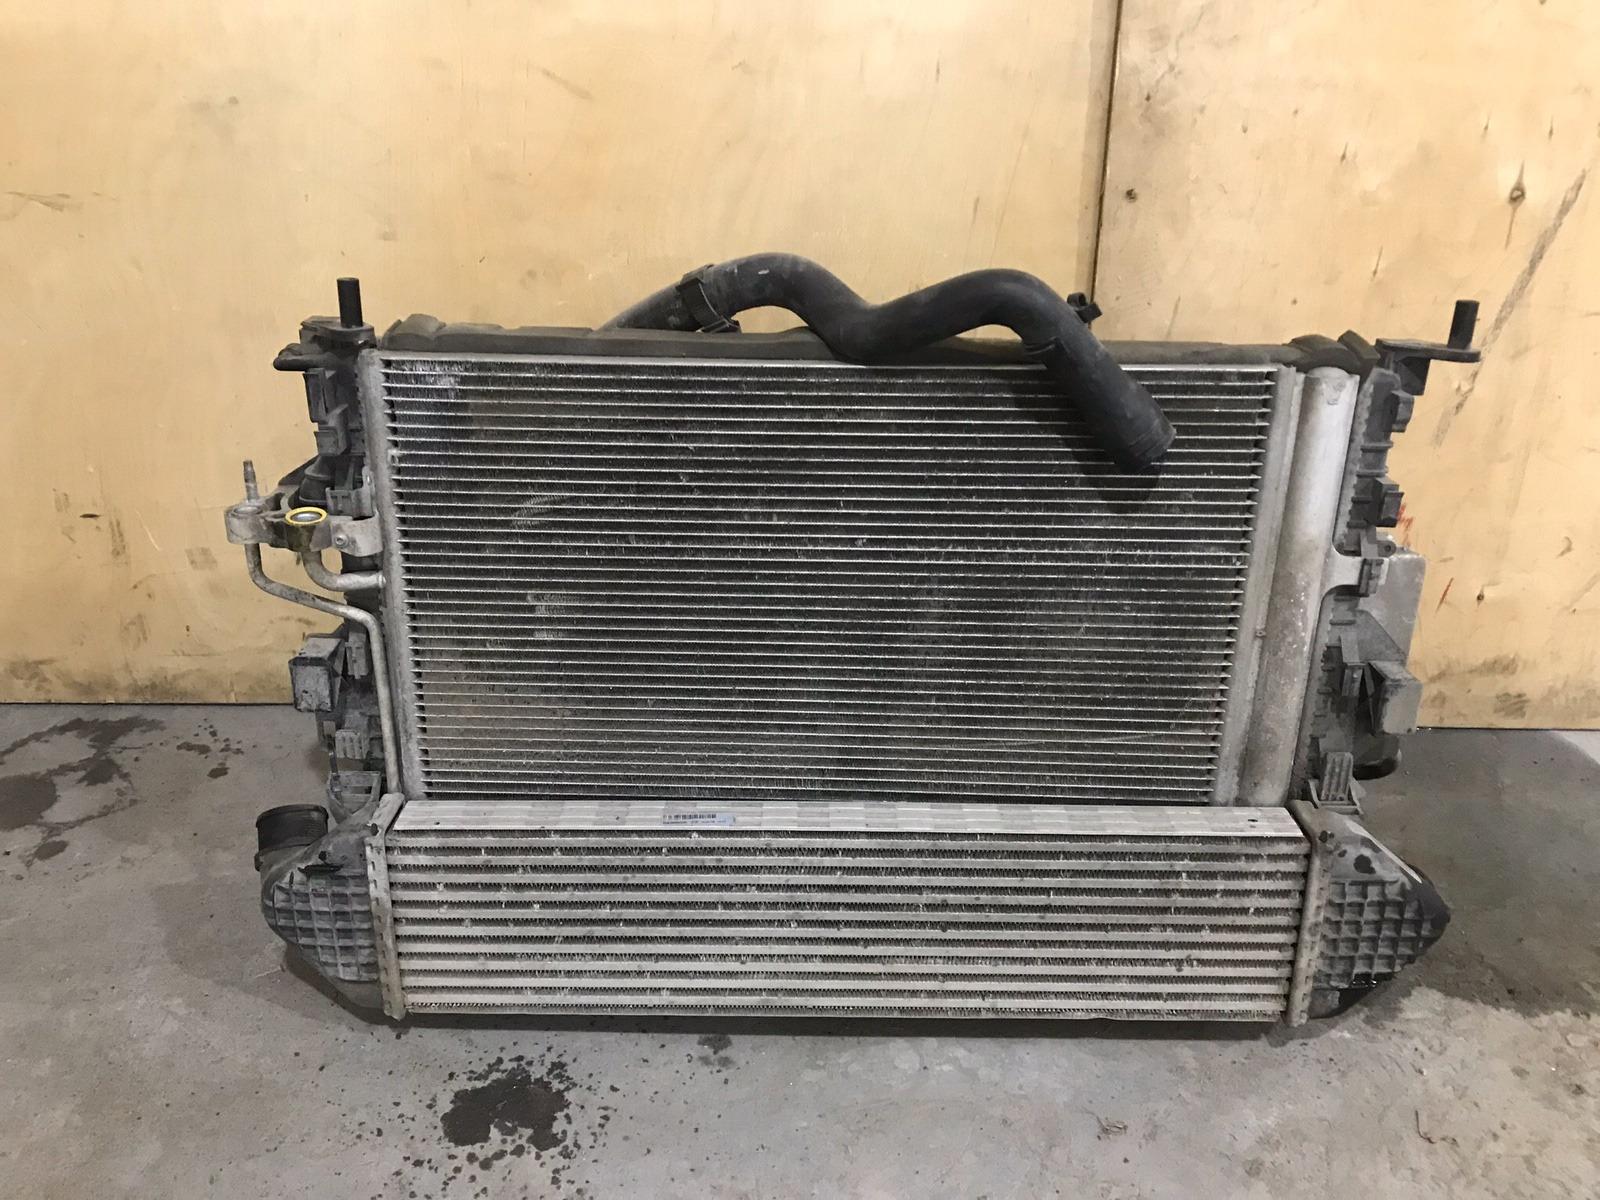 Кассета радиаторов Ford Focus 3 СЕДАН 2.0 TDCI 2011 (б/у)